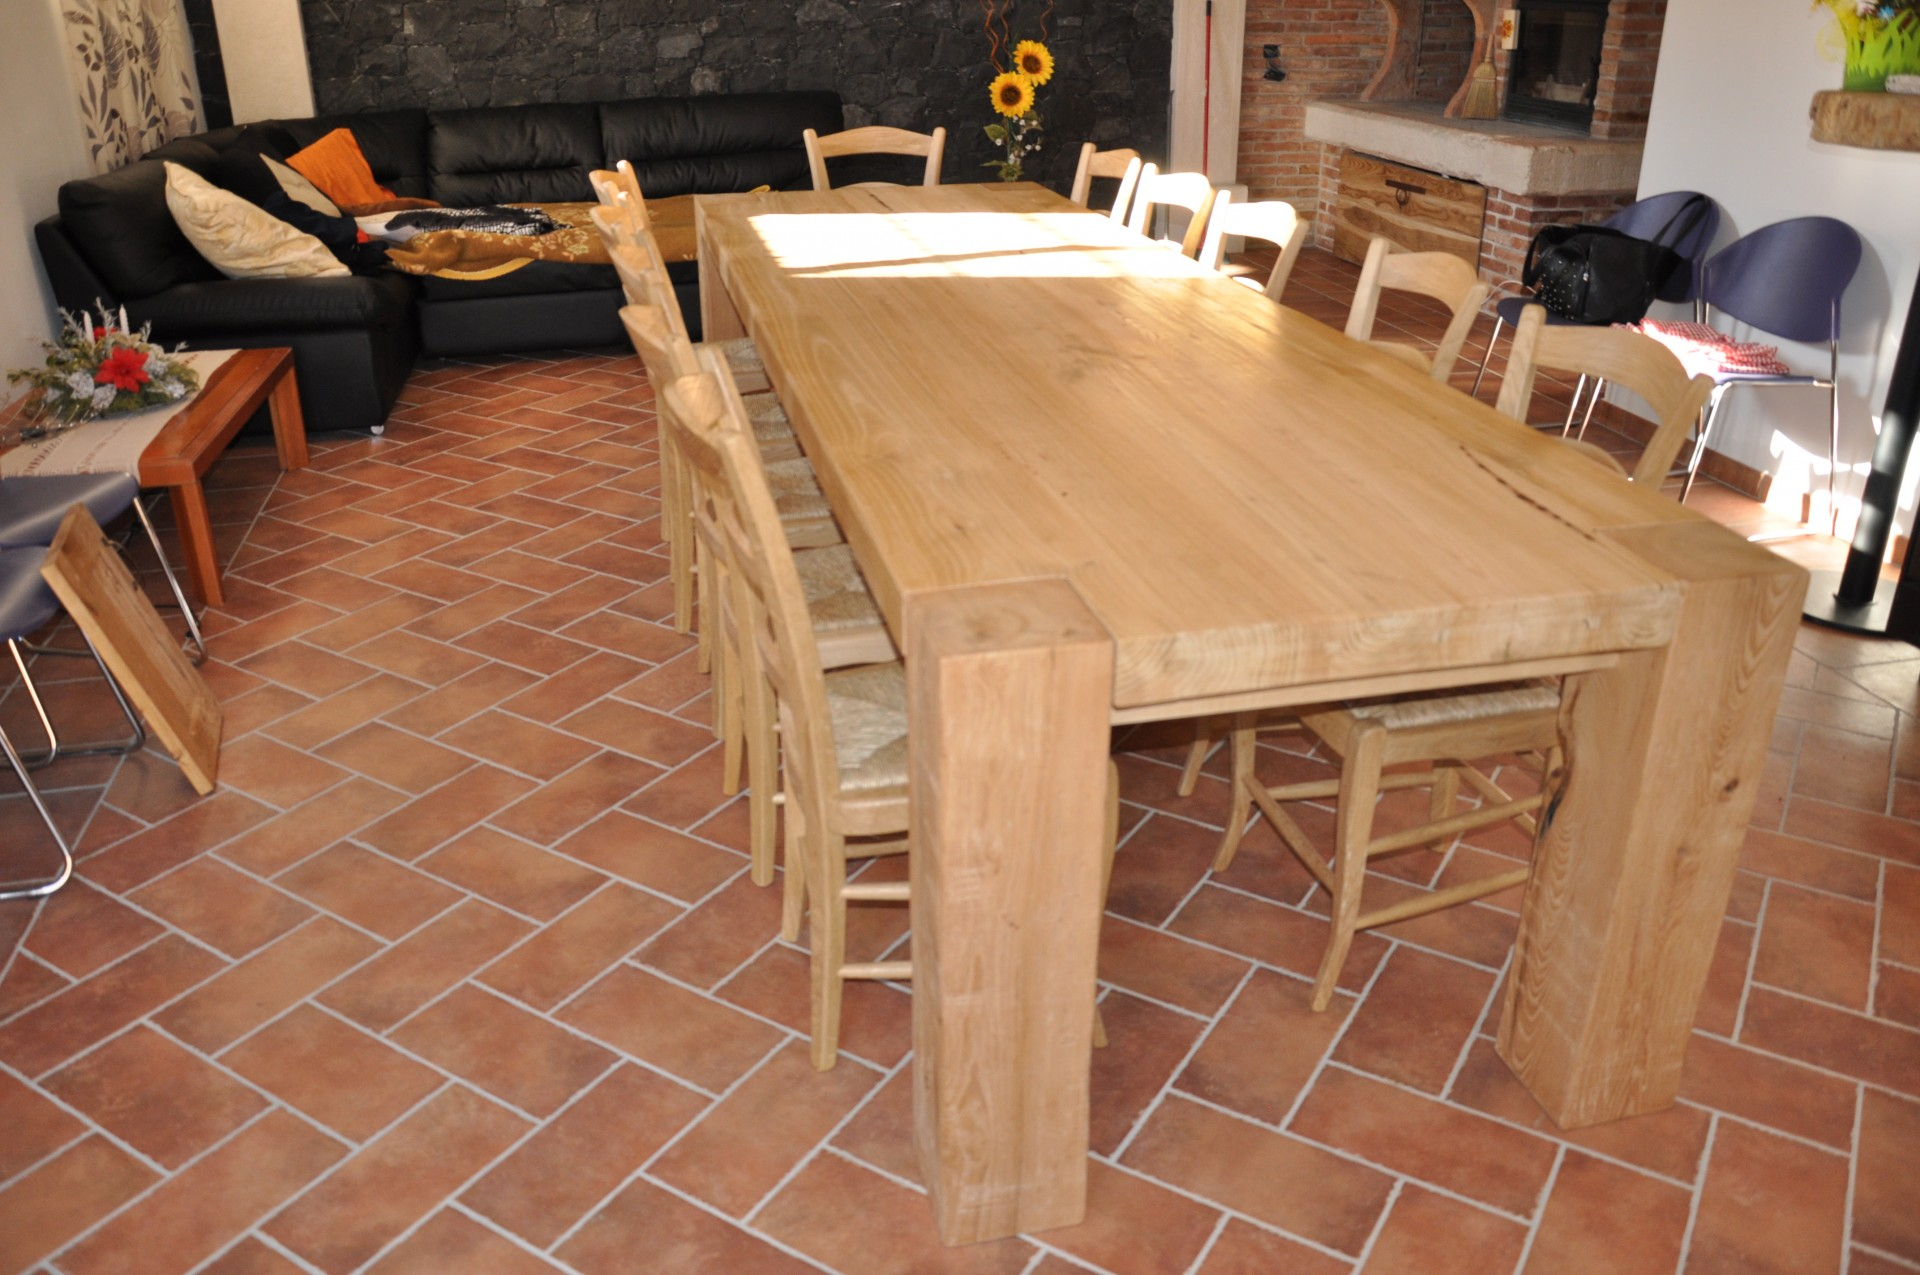 Tavoli in legno su misura fadini mobili cerea verona for Design moderno di mobili in legno massello